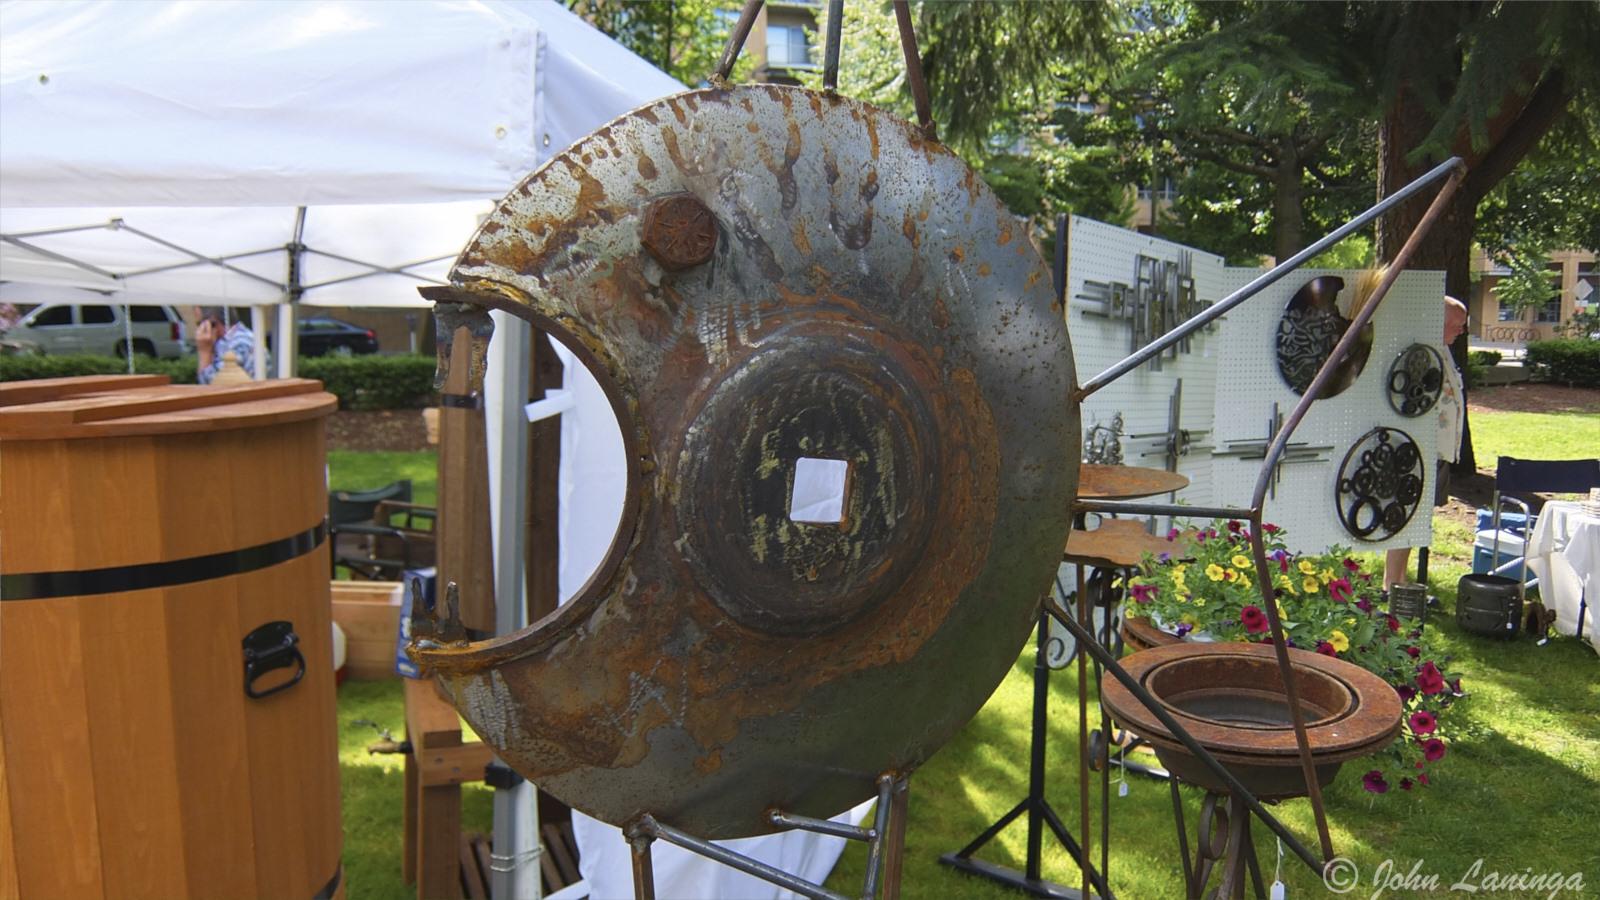 More scrap metal turned to art